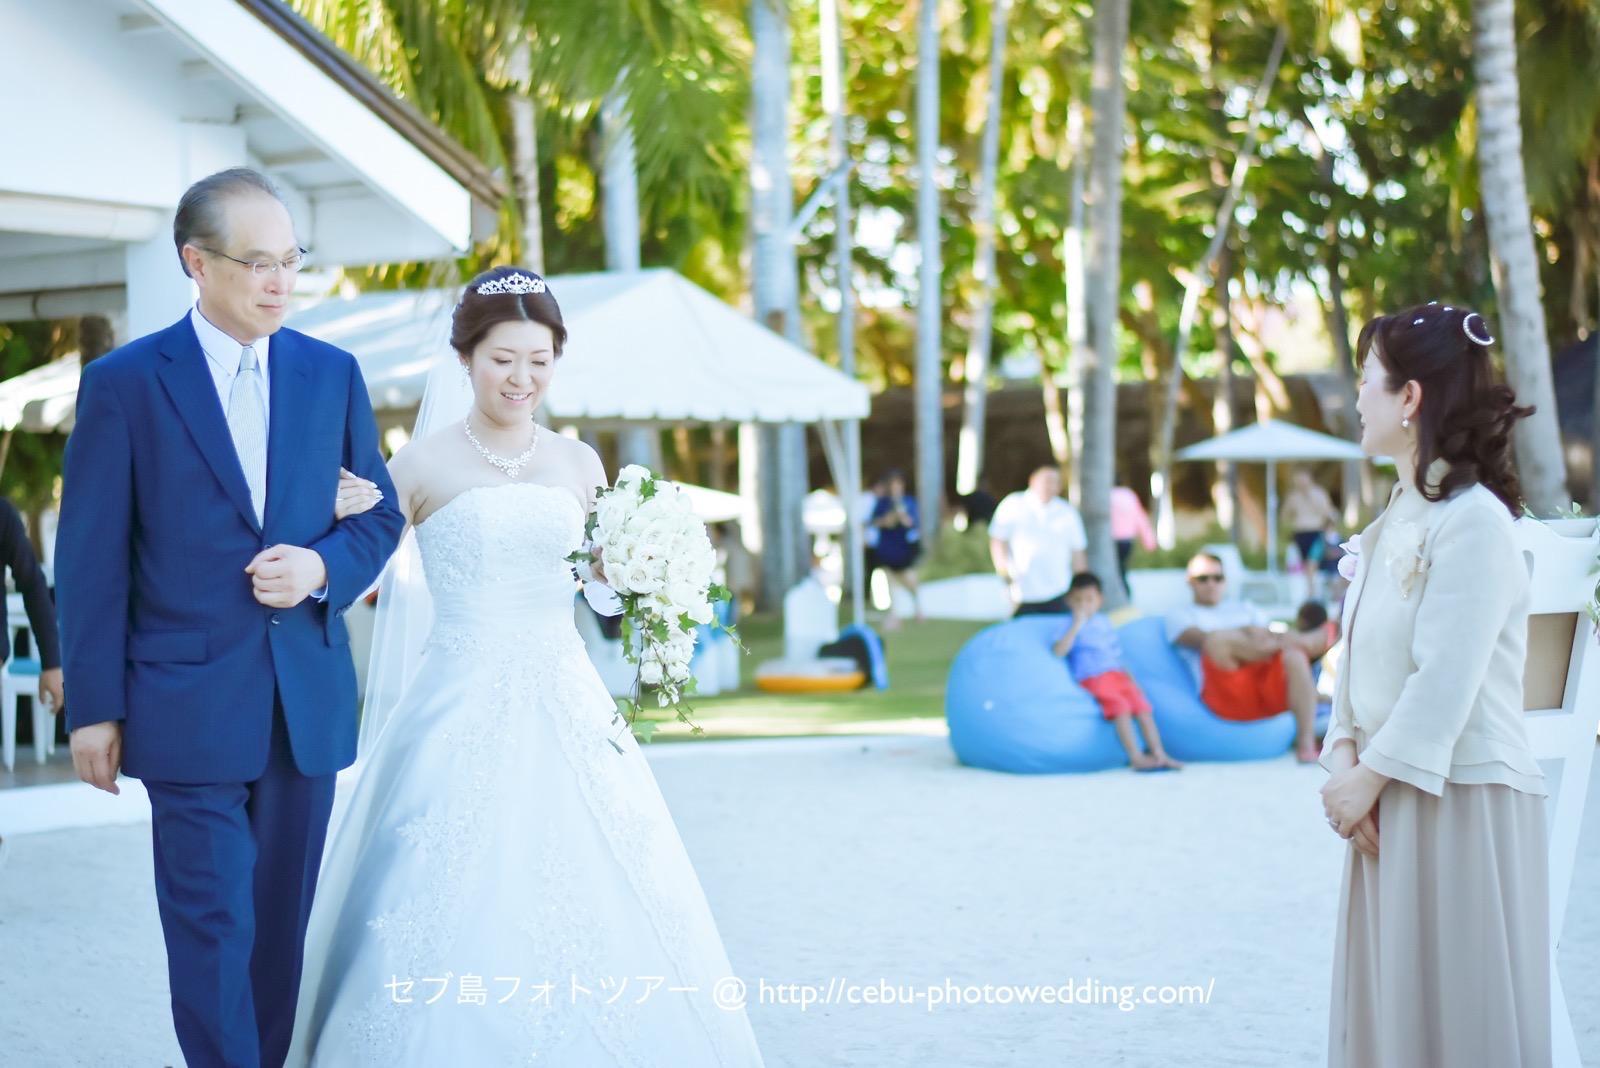 花嫁様とお父様の入場シーン